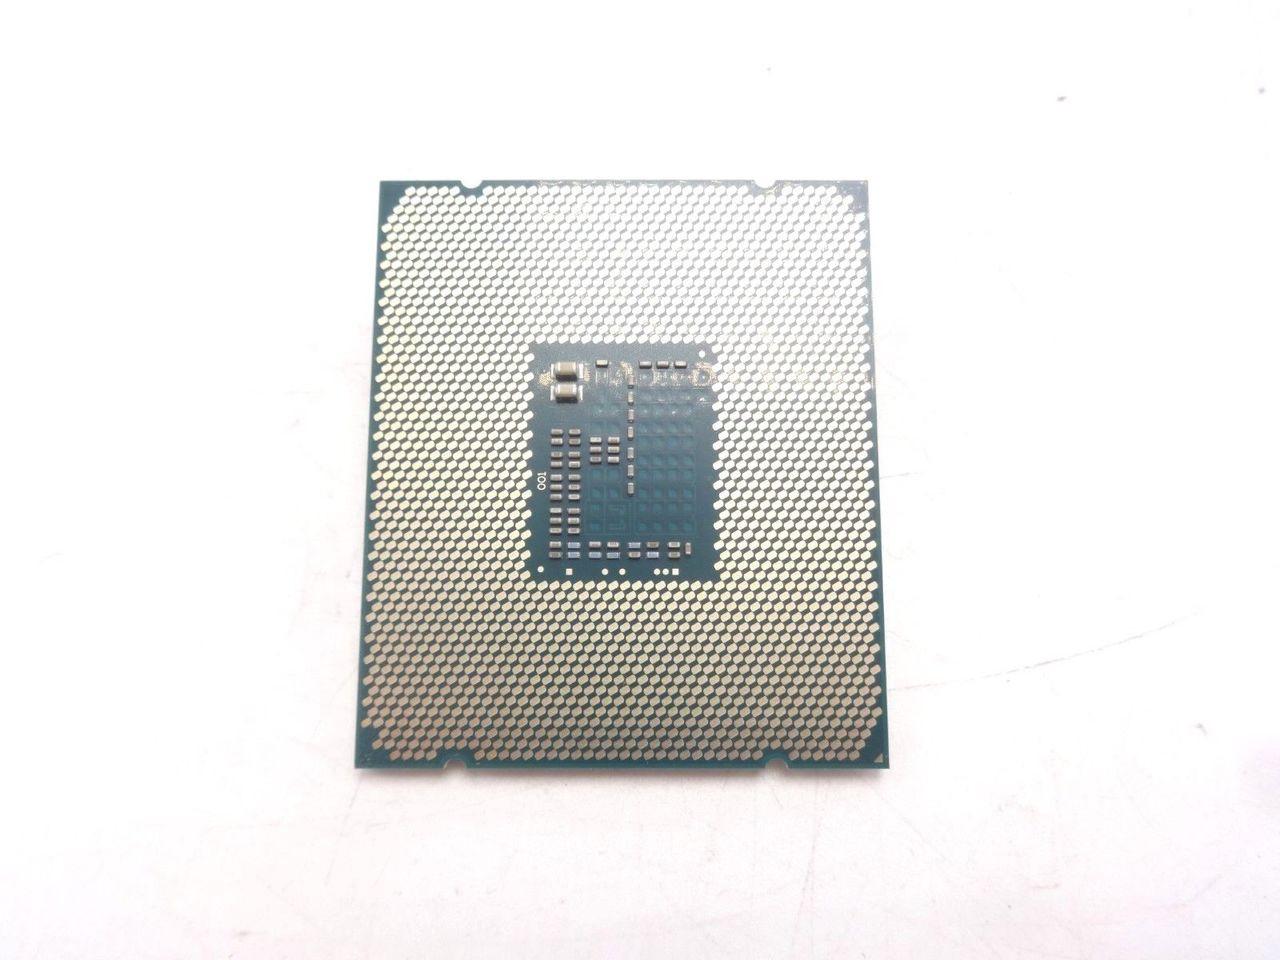 Intel SR202 Xeon Quad Core 3.5GHz E5-2637 V3 Processor